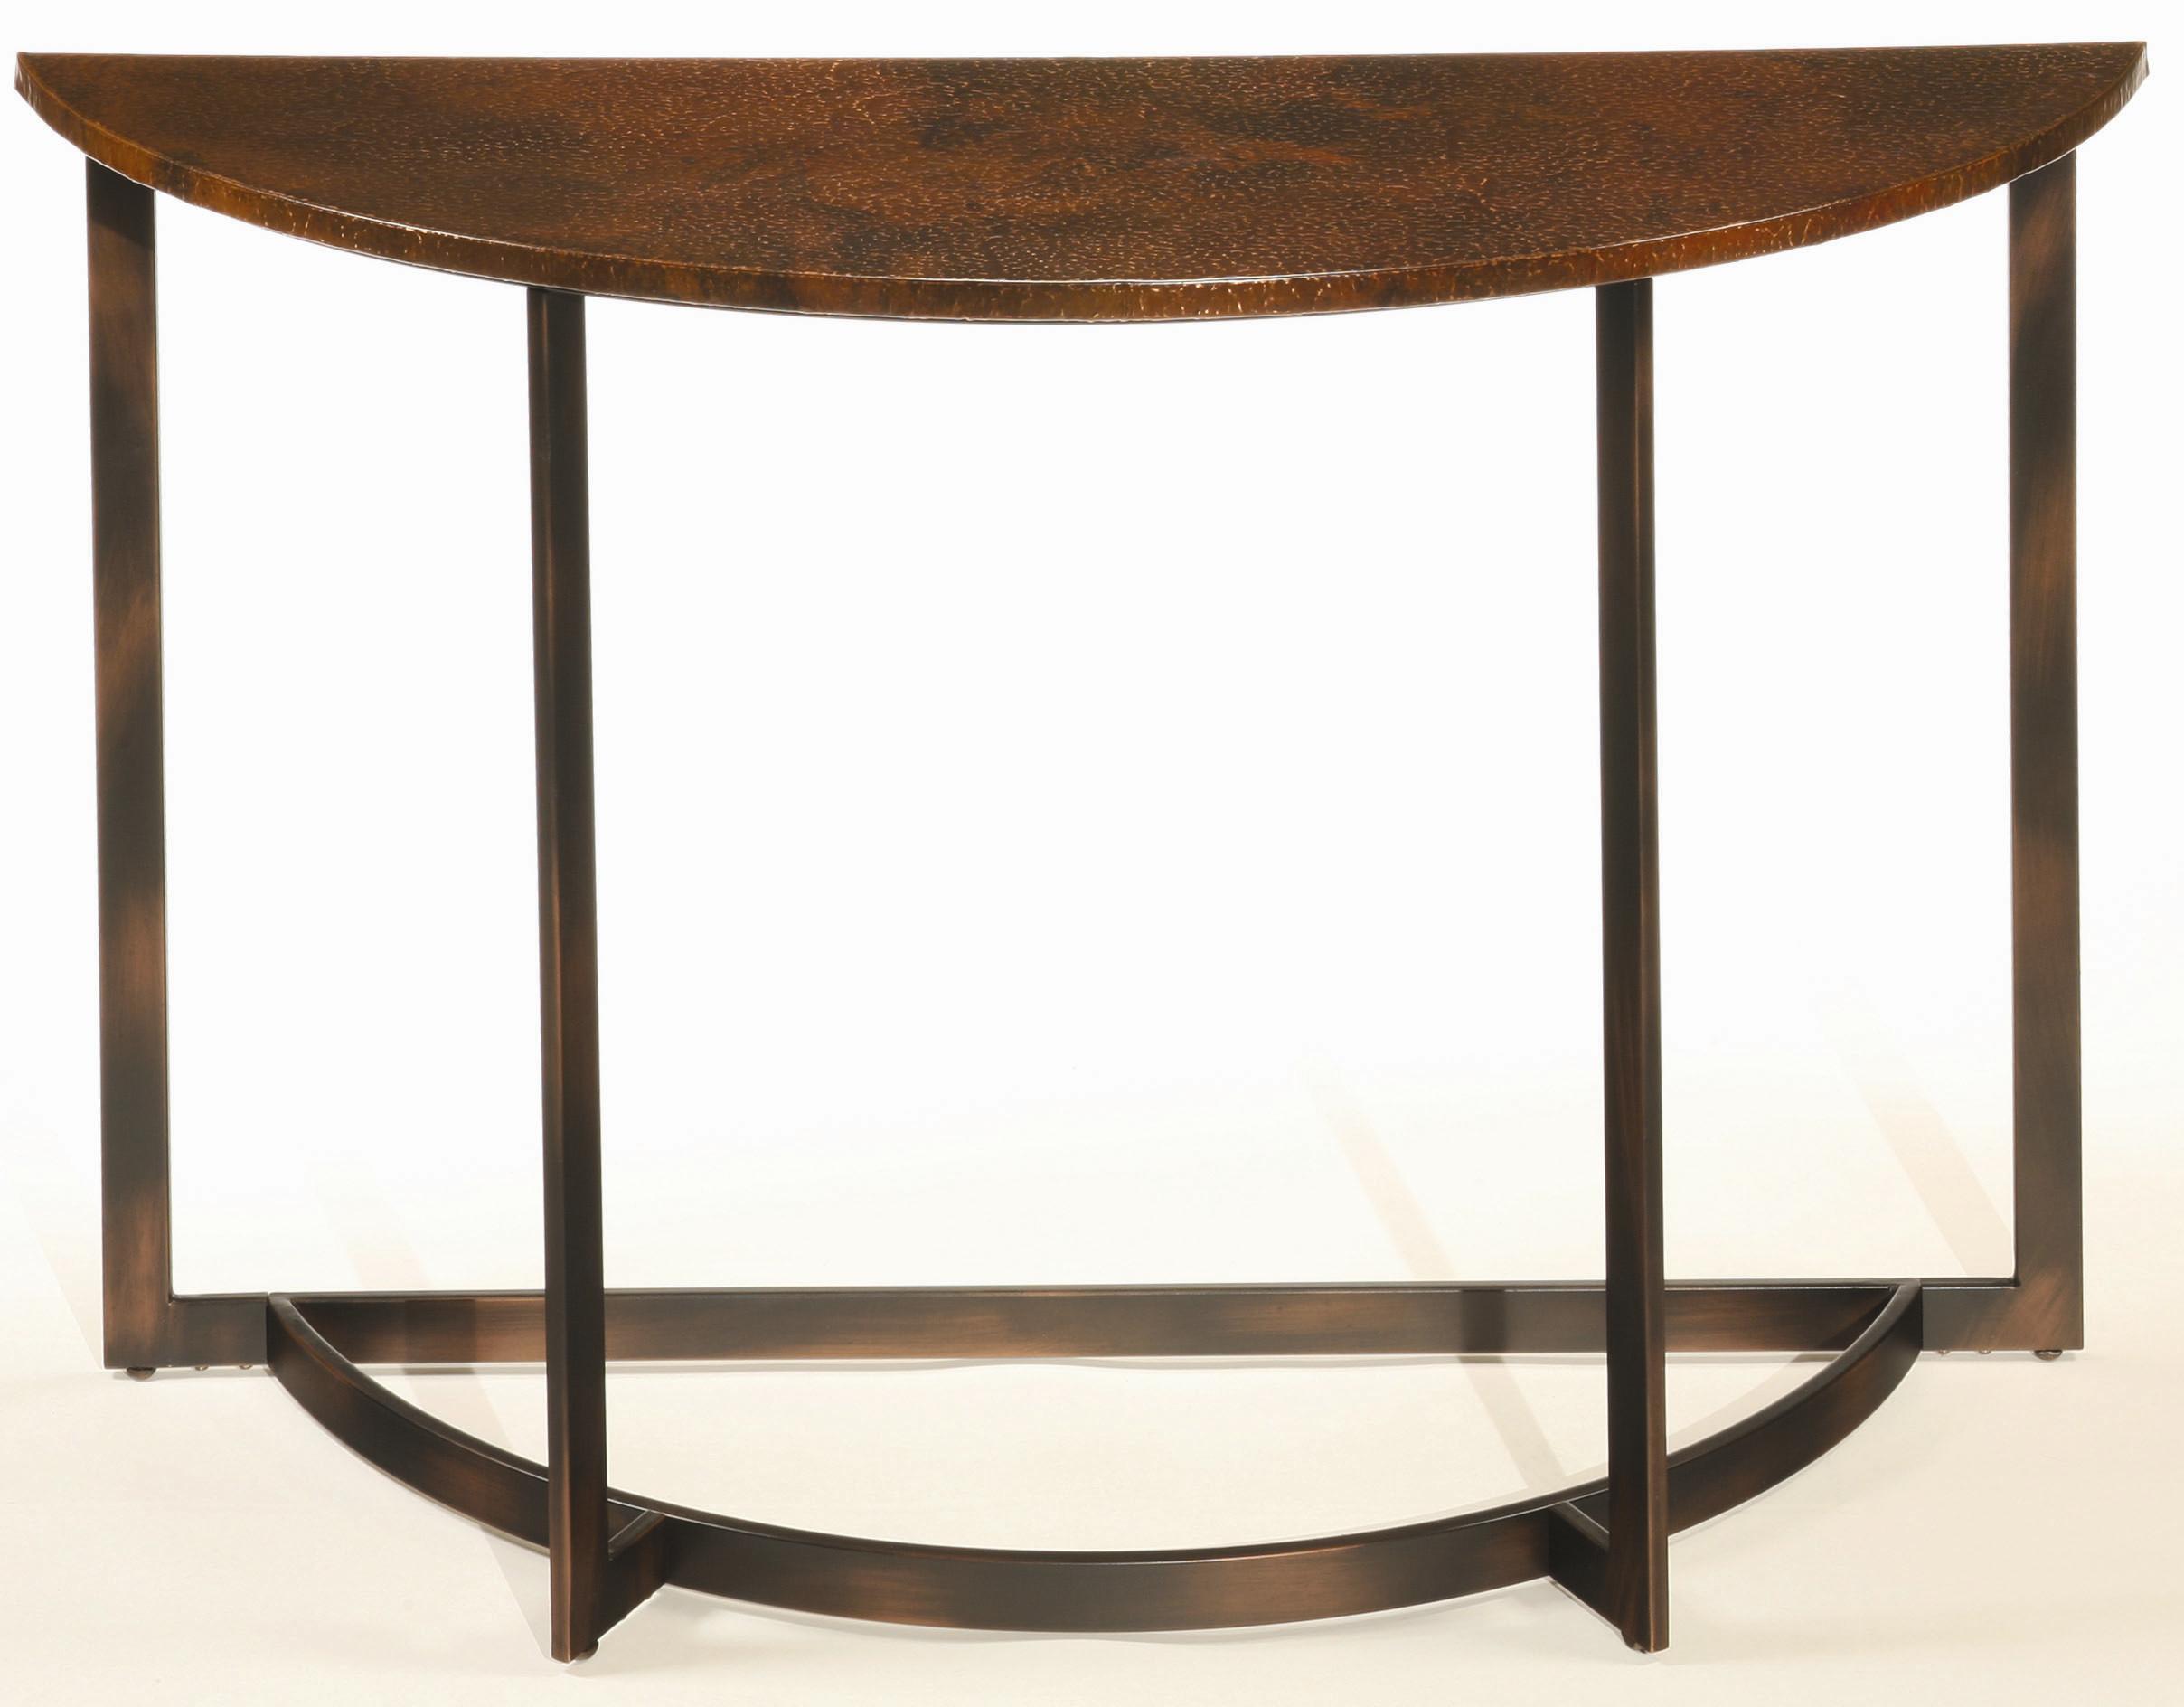 Hammary Nueva Sofa Table - Item Number: T2063289-00